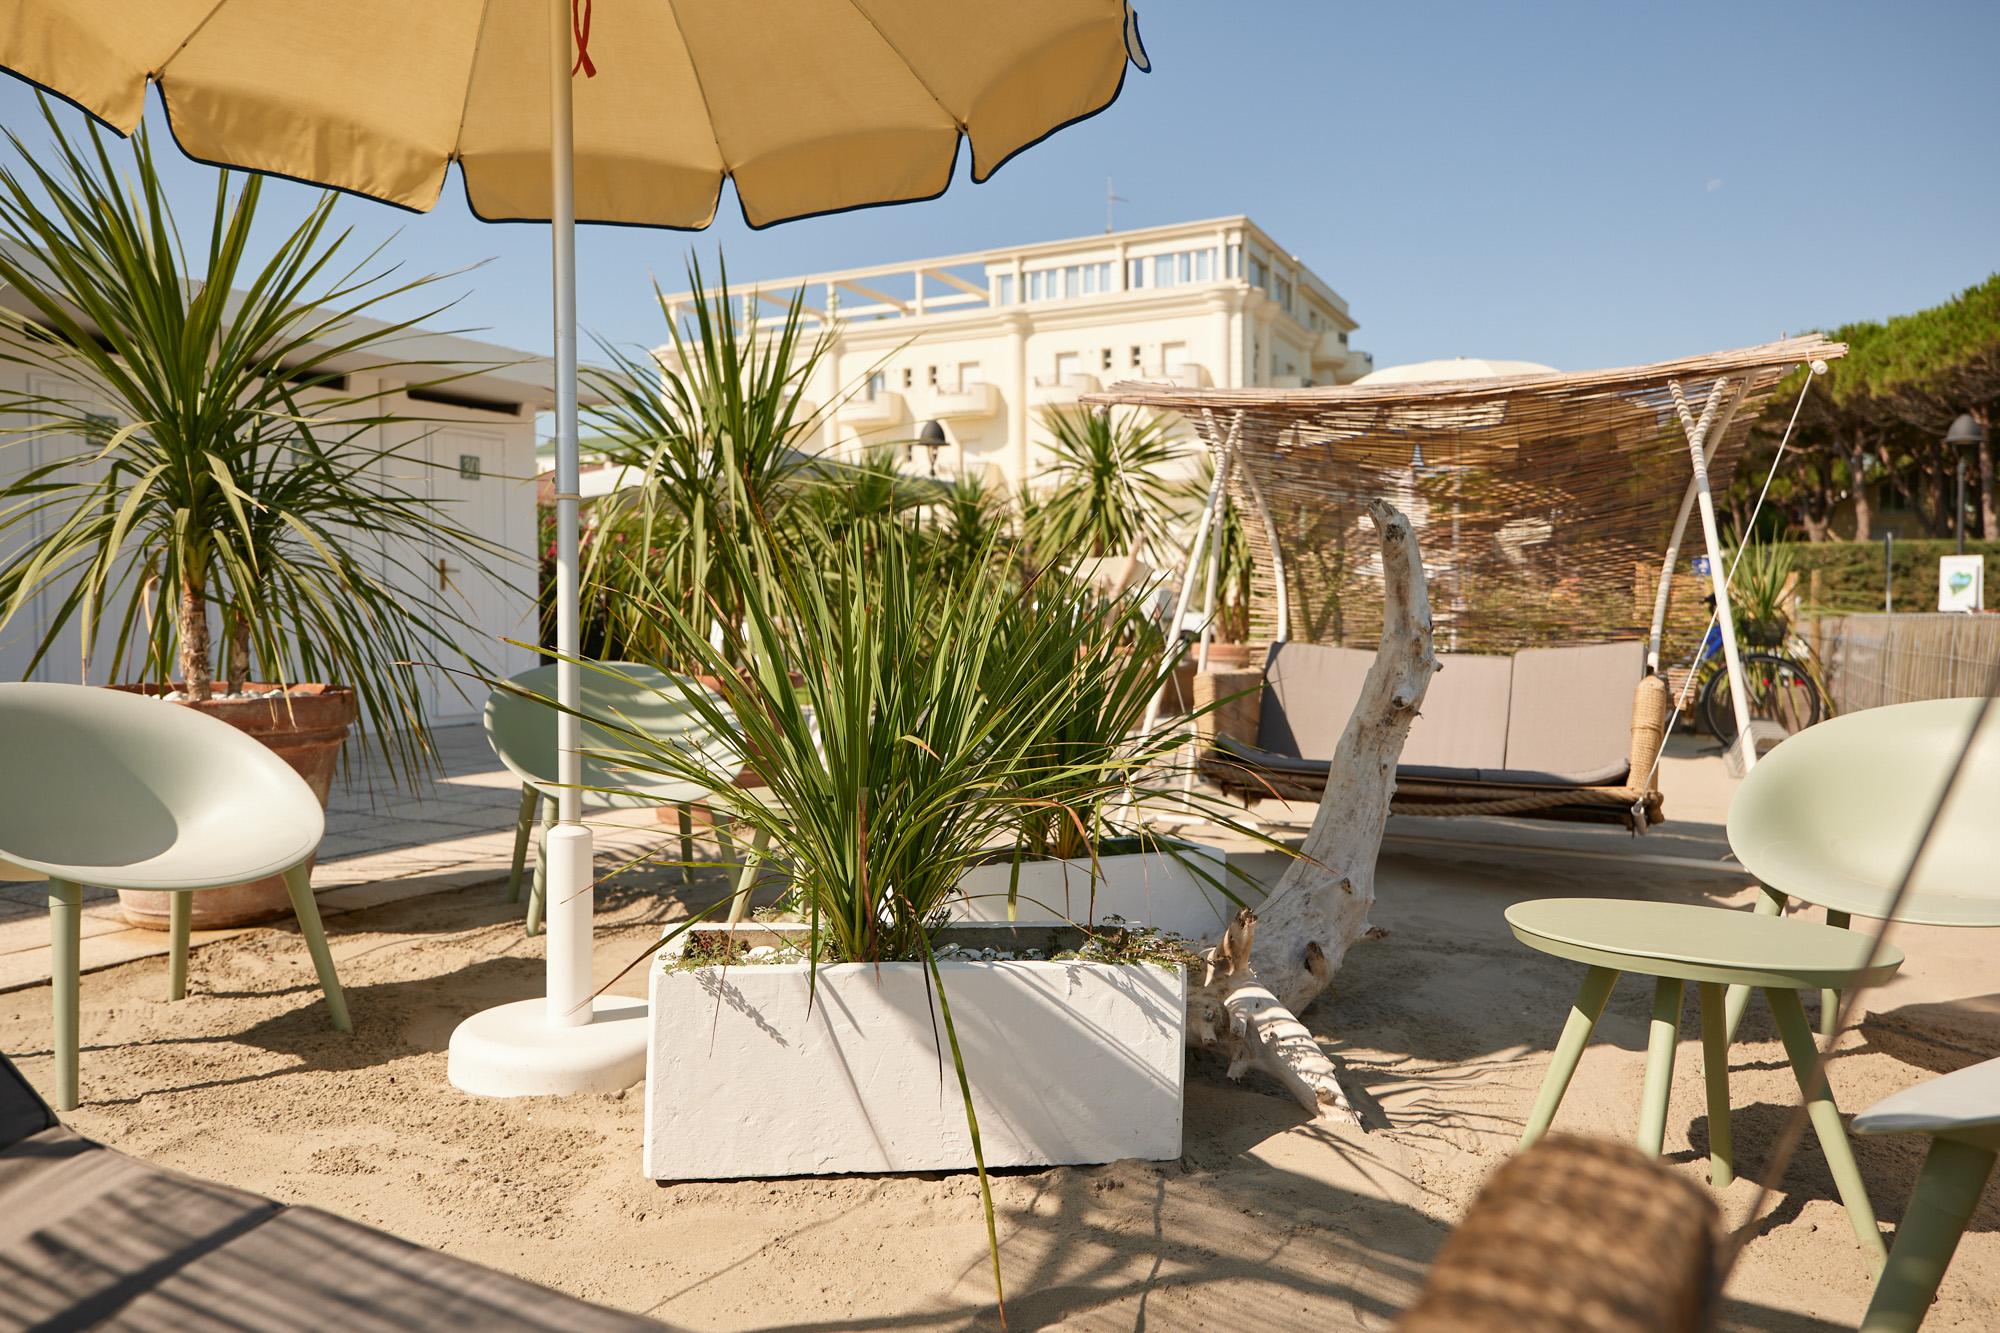 hotel saraceno 4 stelle e bagno giuliano milano marittima all inclusive con spiaggia privata e distanziata